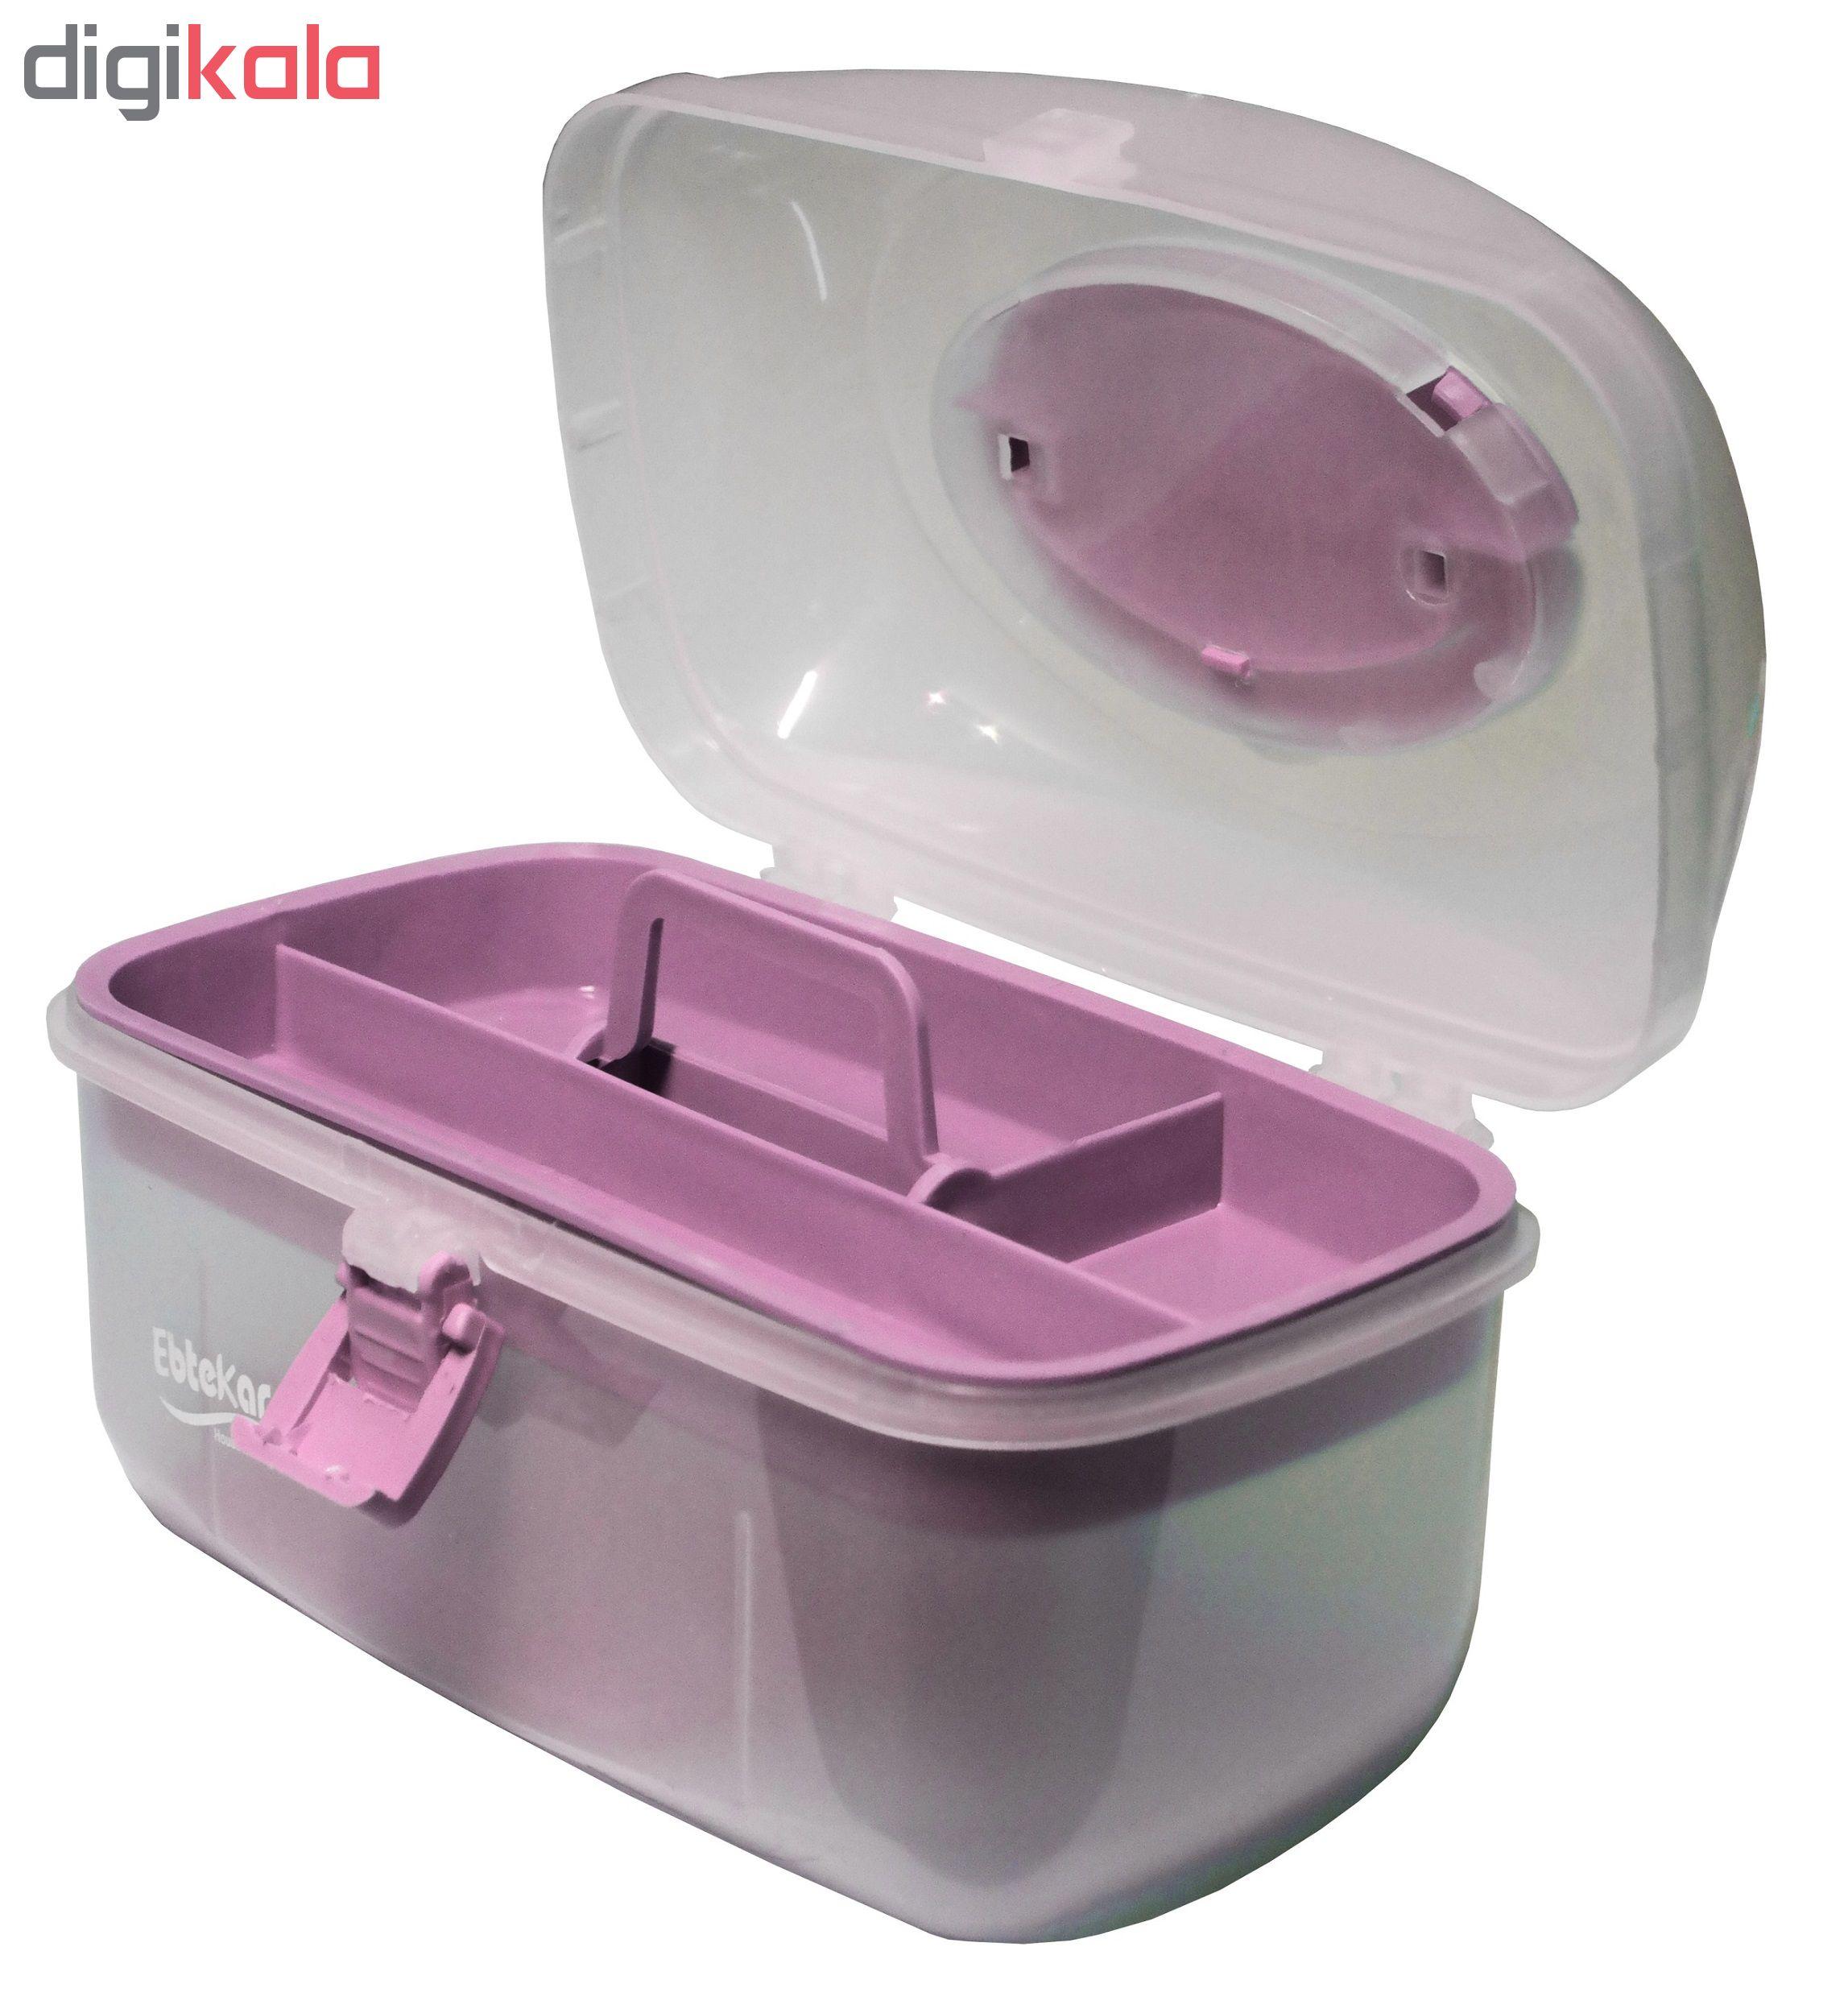 جعبه لوازم خیاطی ابتکار مدل Pink به همراه متر خیاطی main 1 2